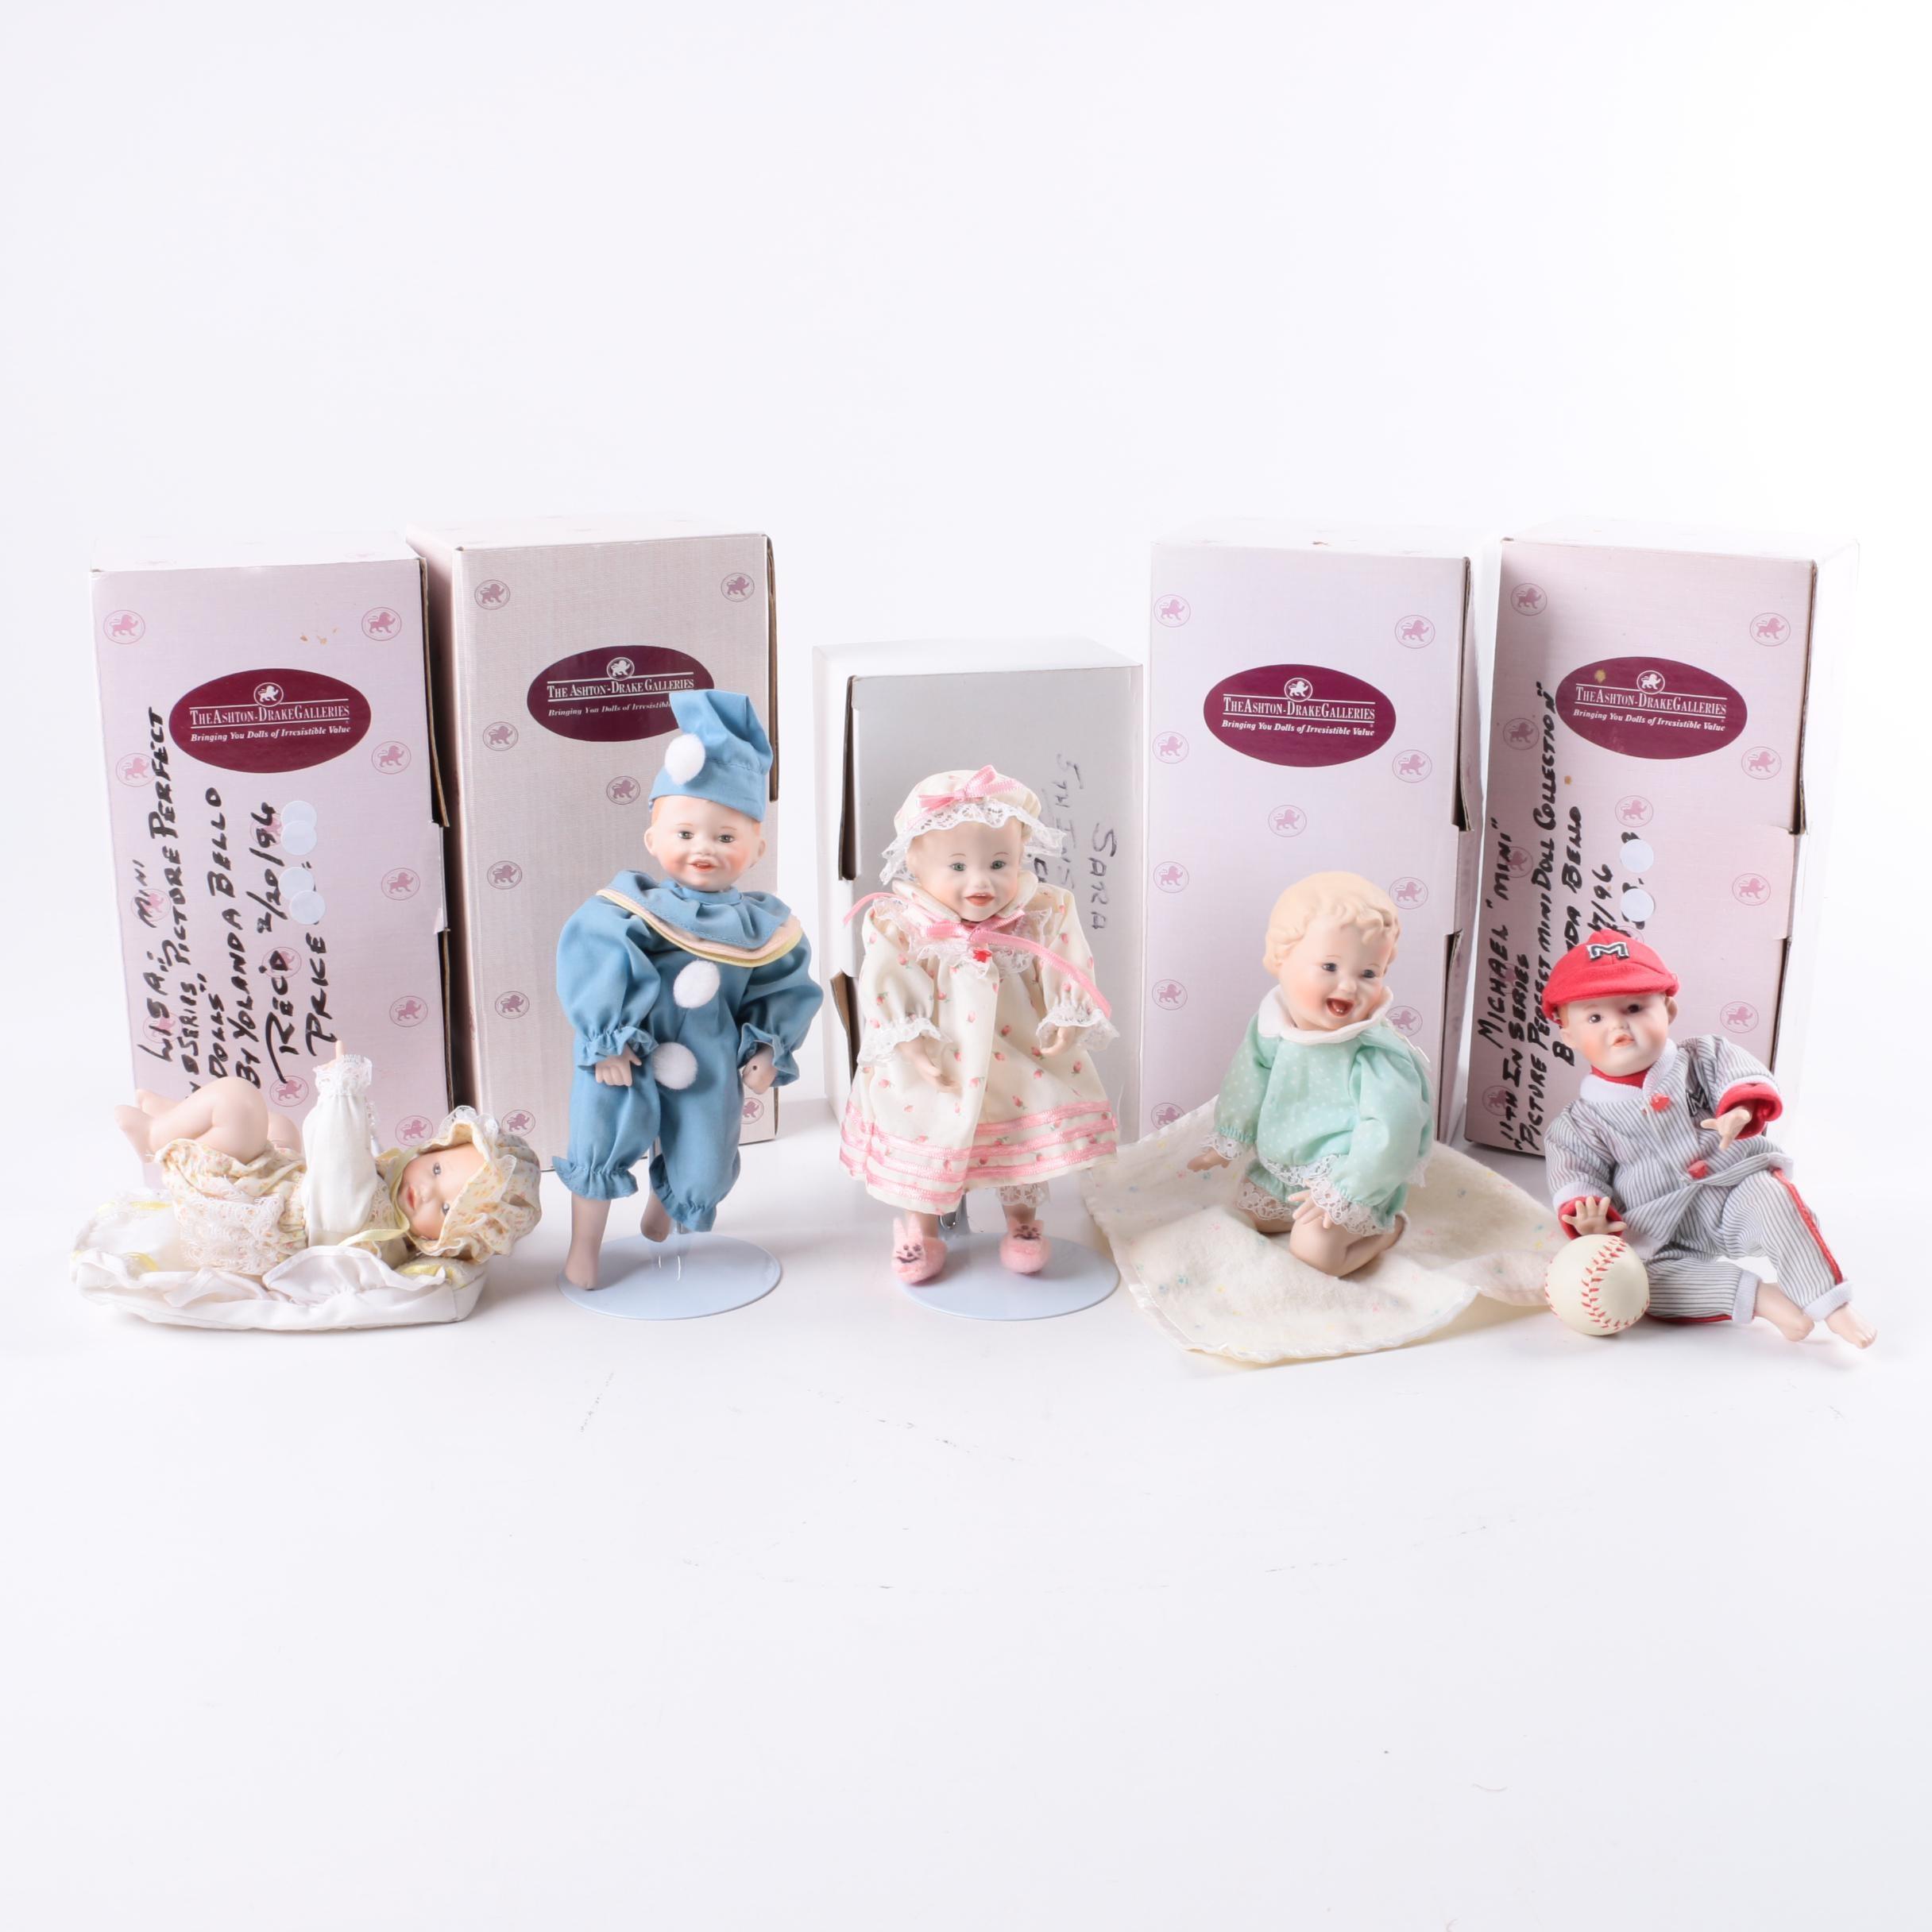 Collection of Ashton Drake Dolls